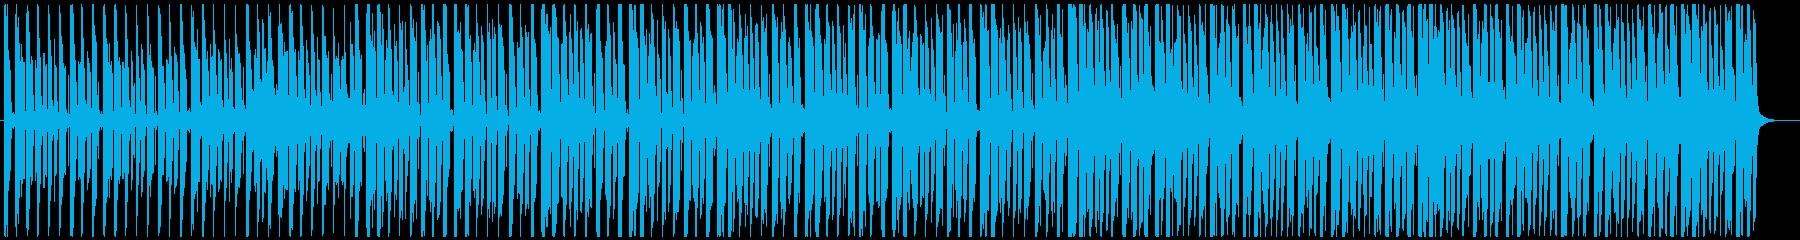 クールでアーバンなディープハウスの再生済みの波形